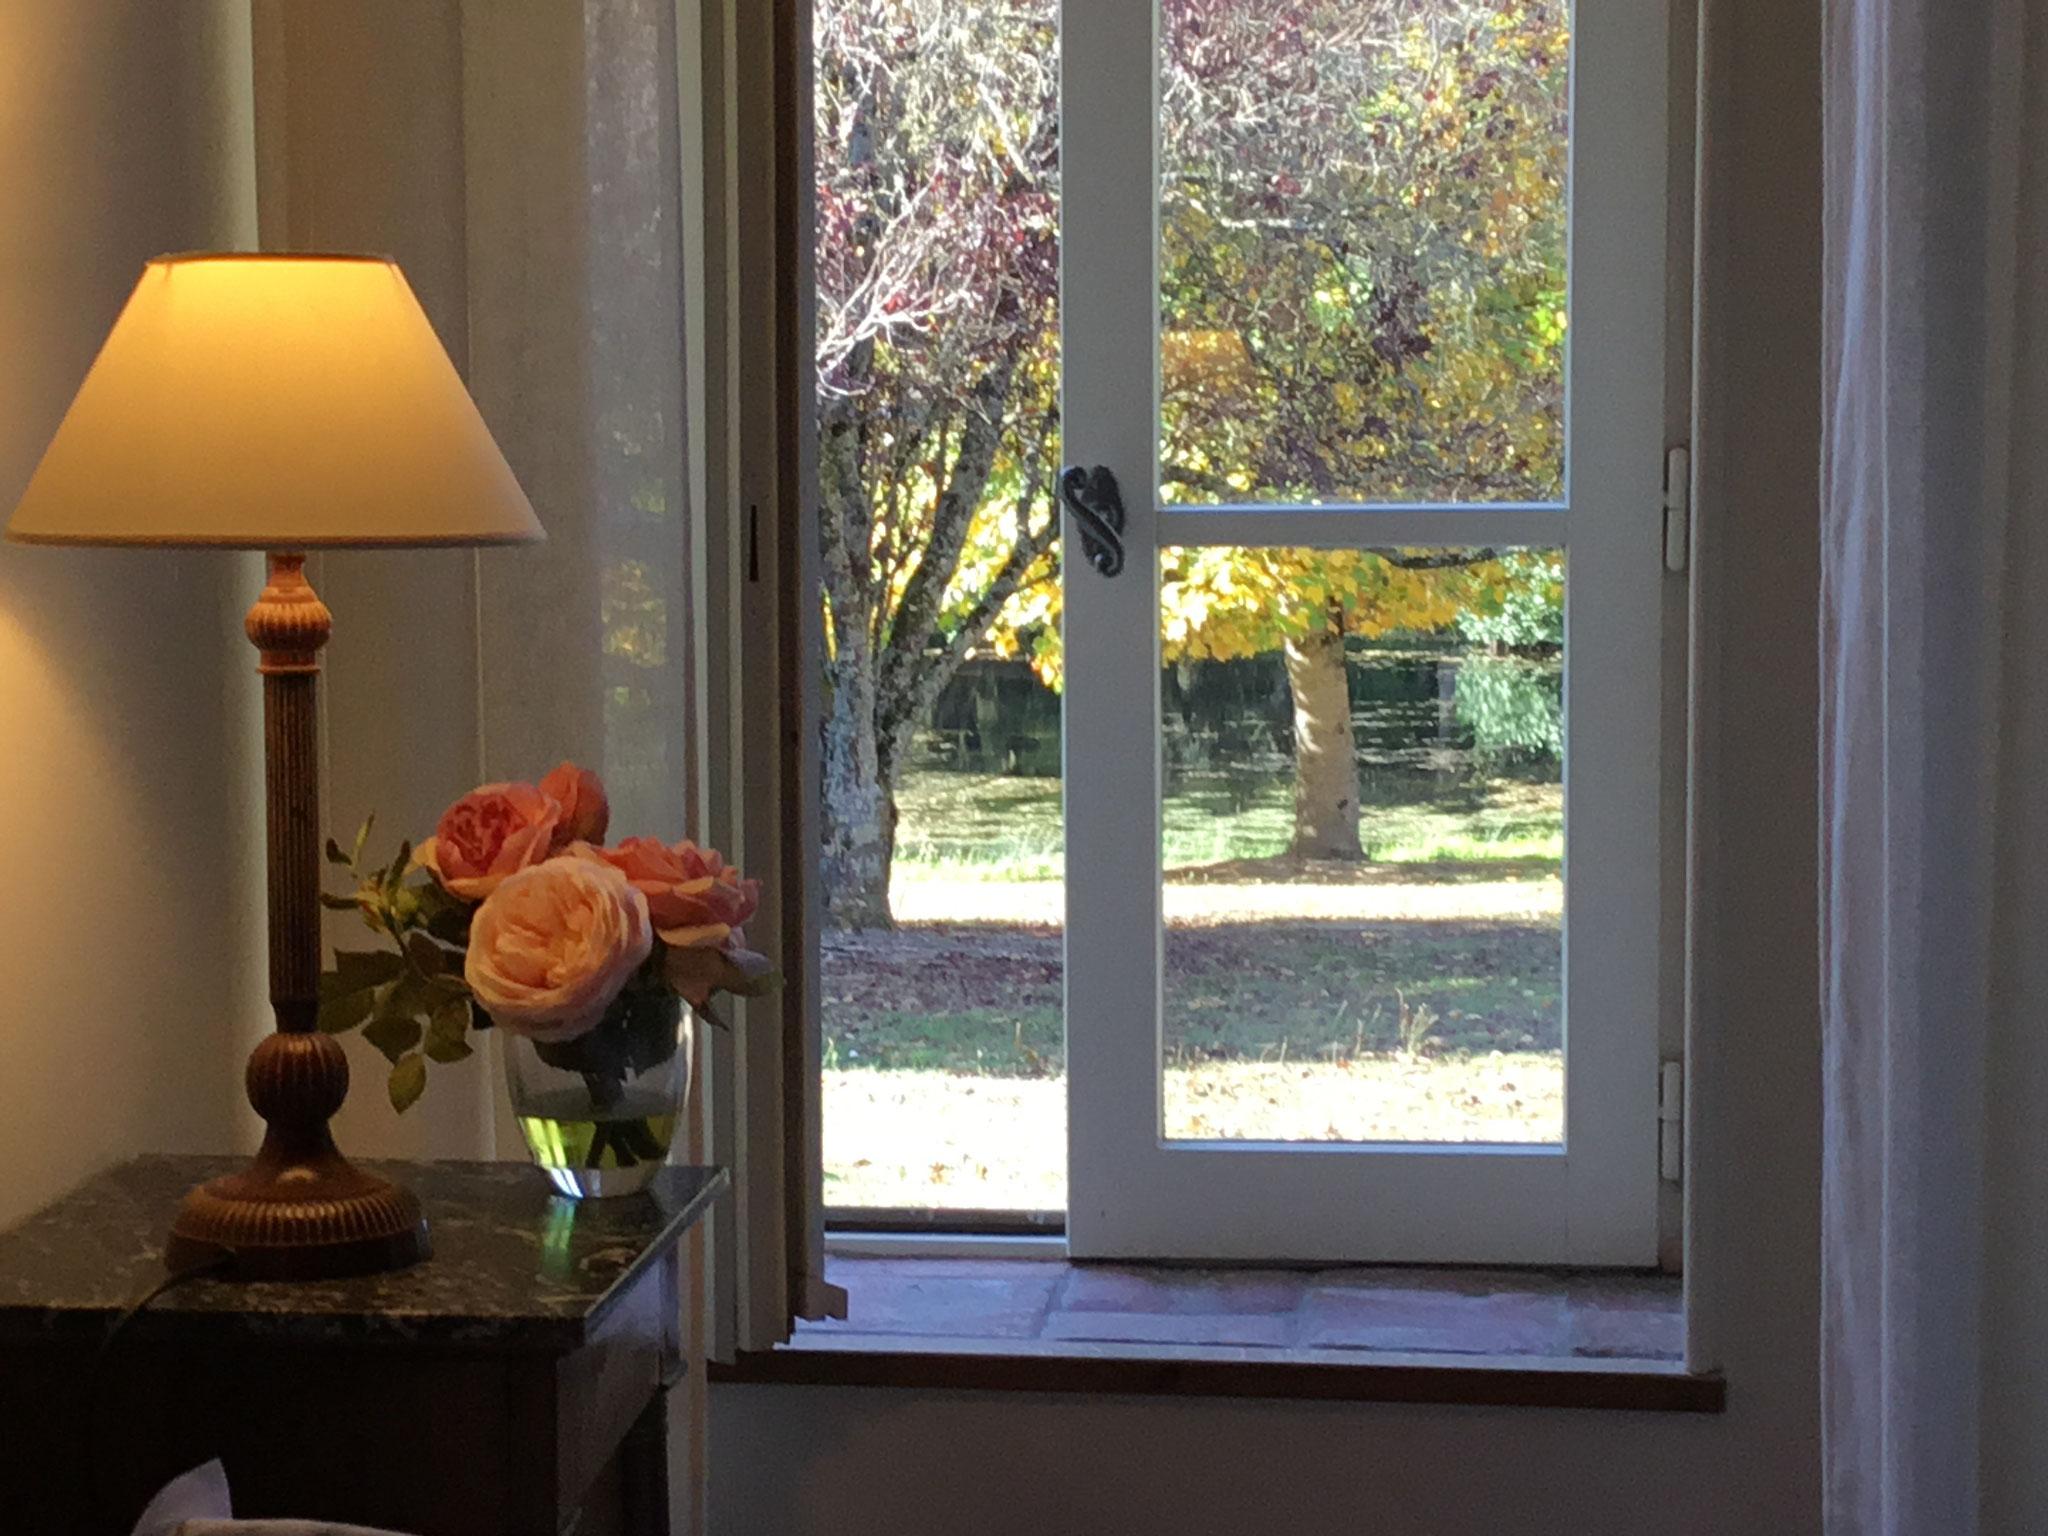 Chambre de la suite avec vue sur jardin